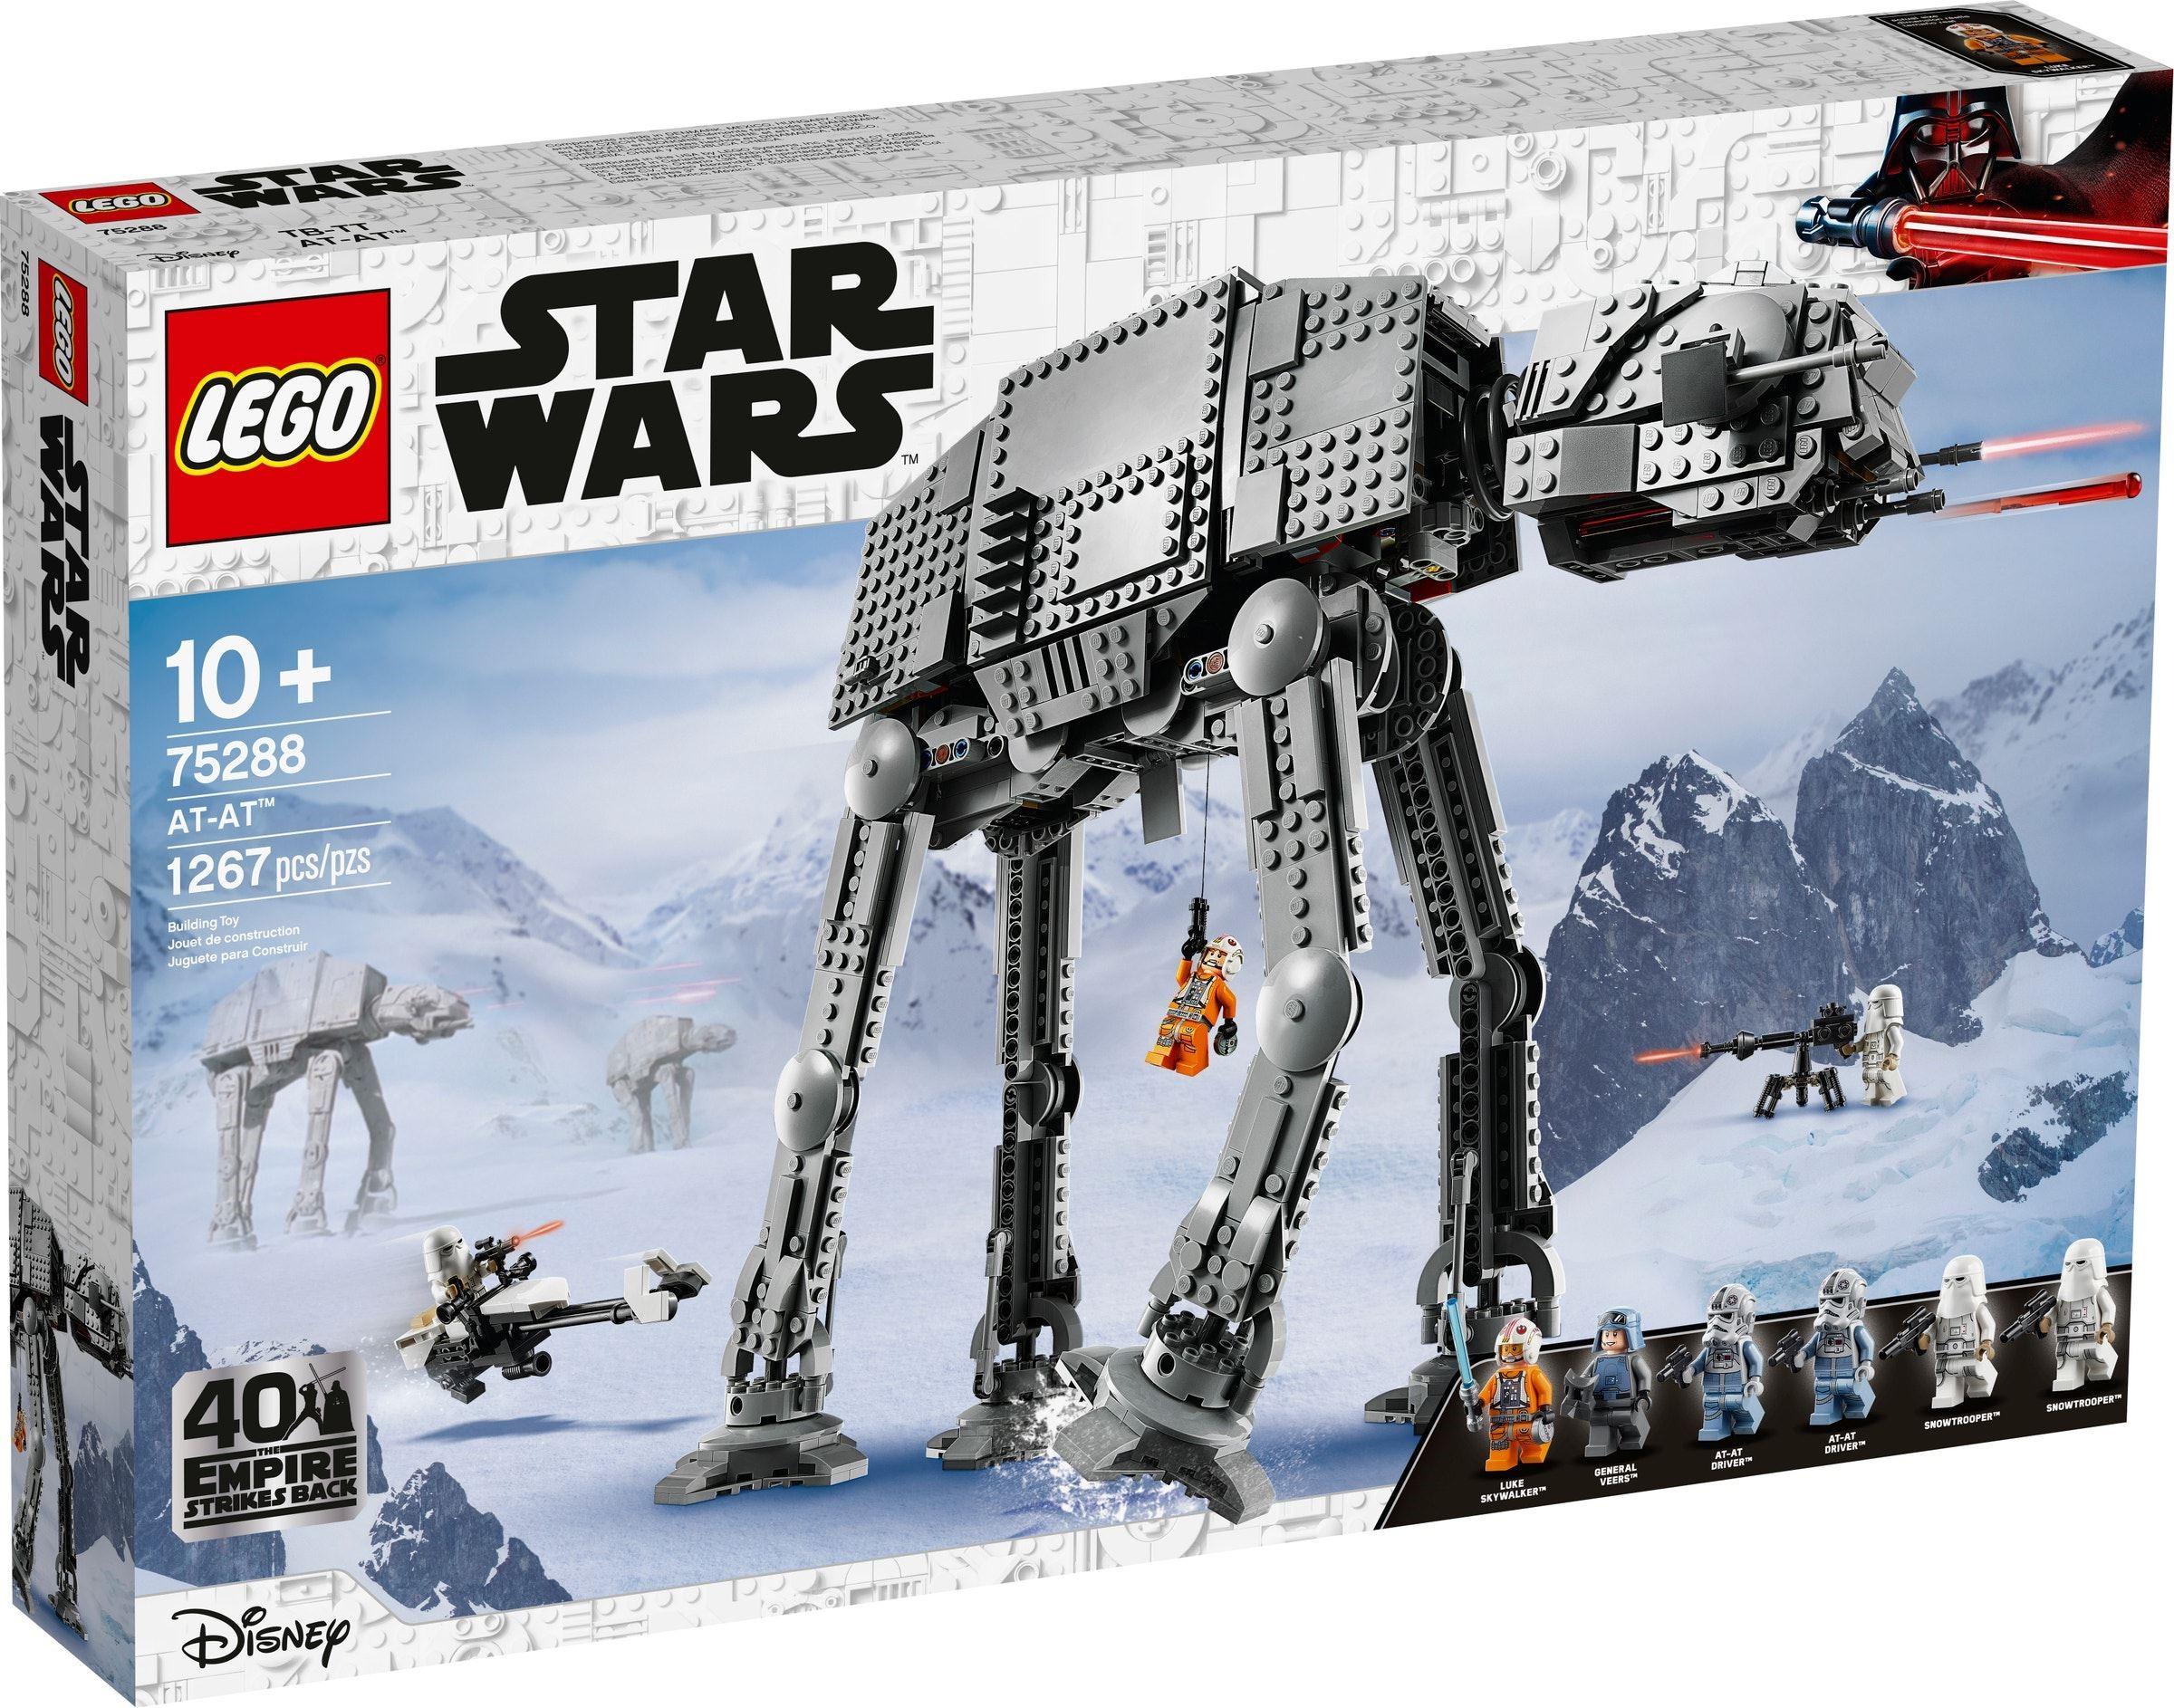 LEGO Star Wars - AT-AT (75288)